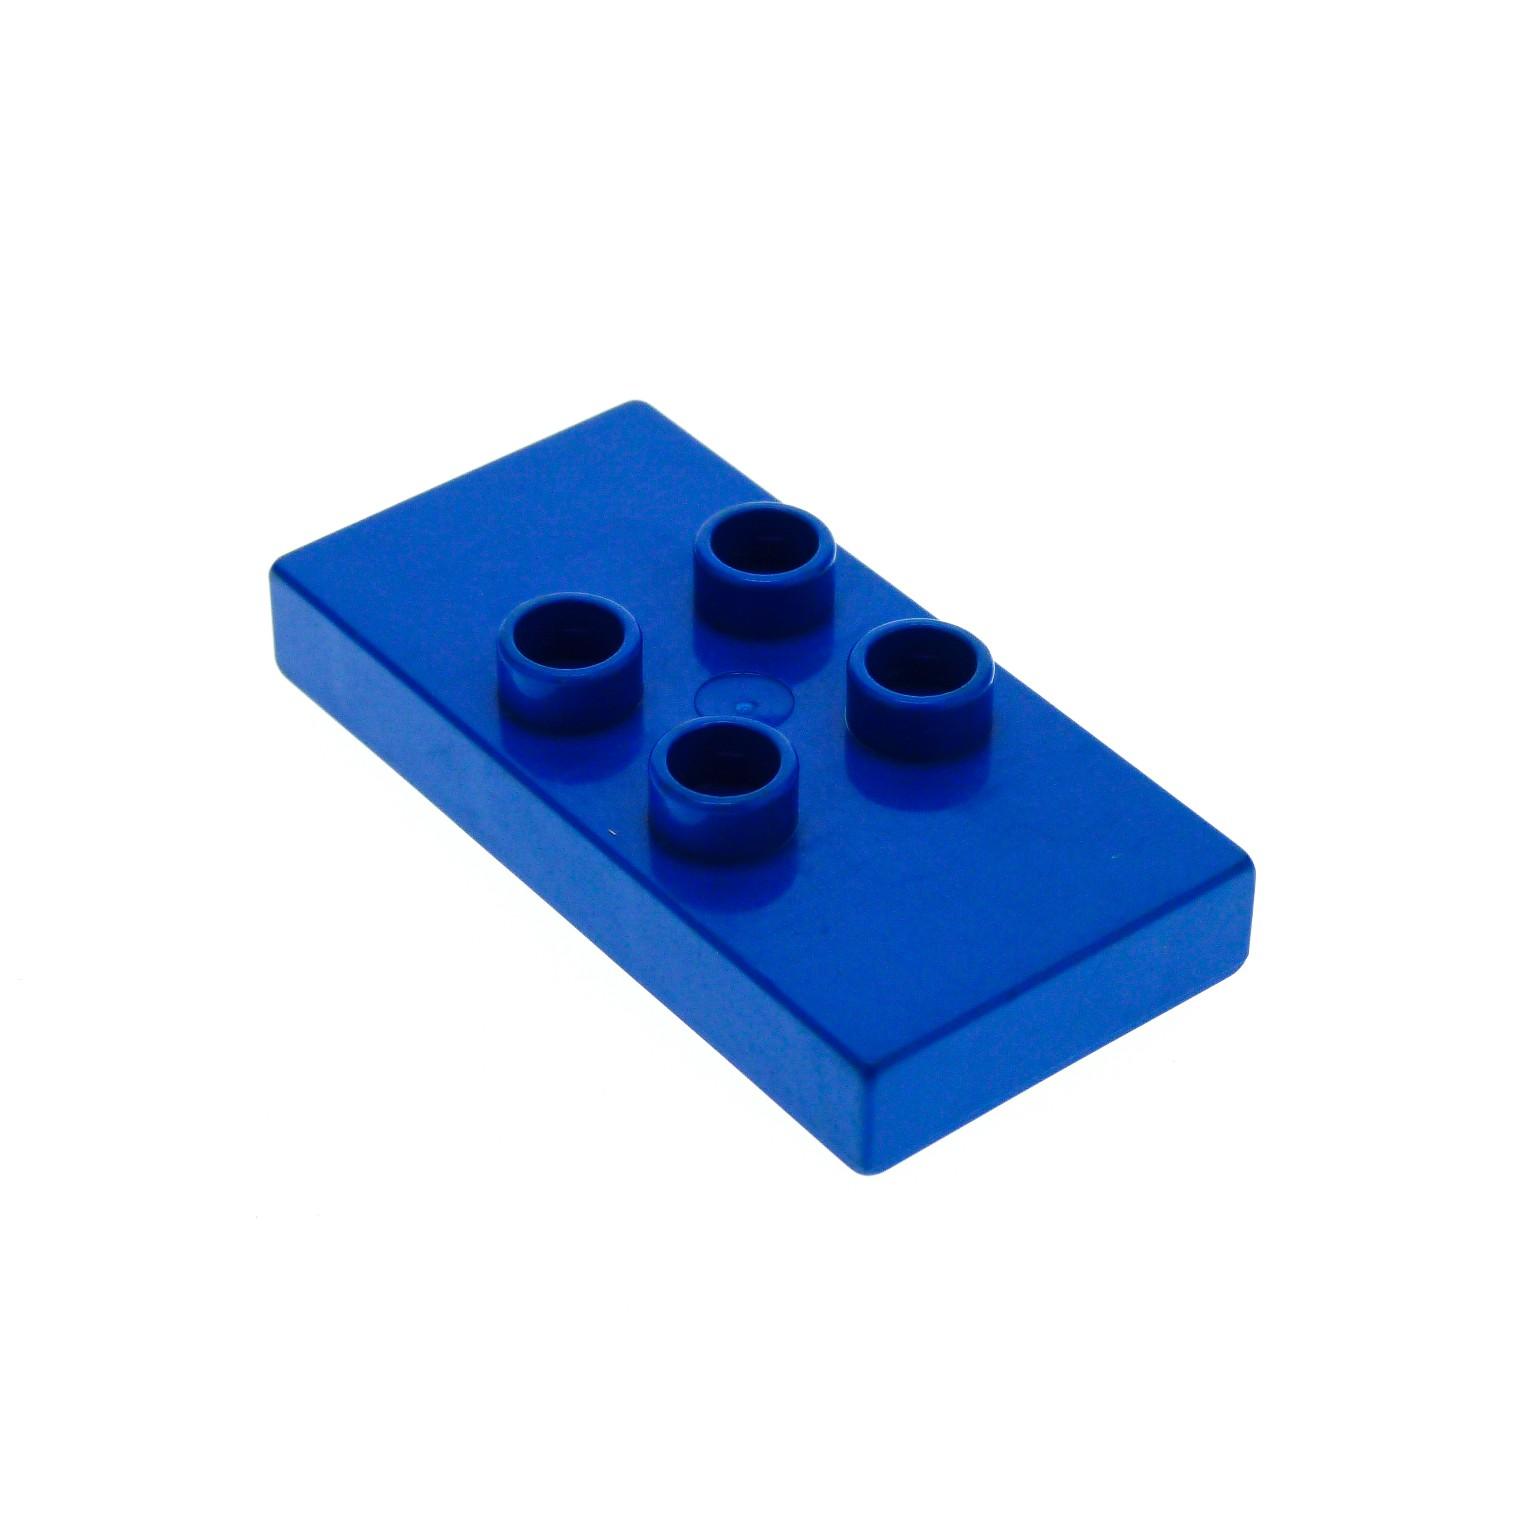 gebraucht Lego Steine blau